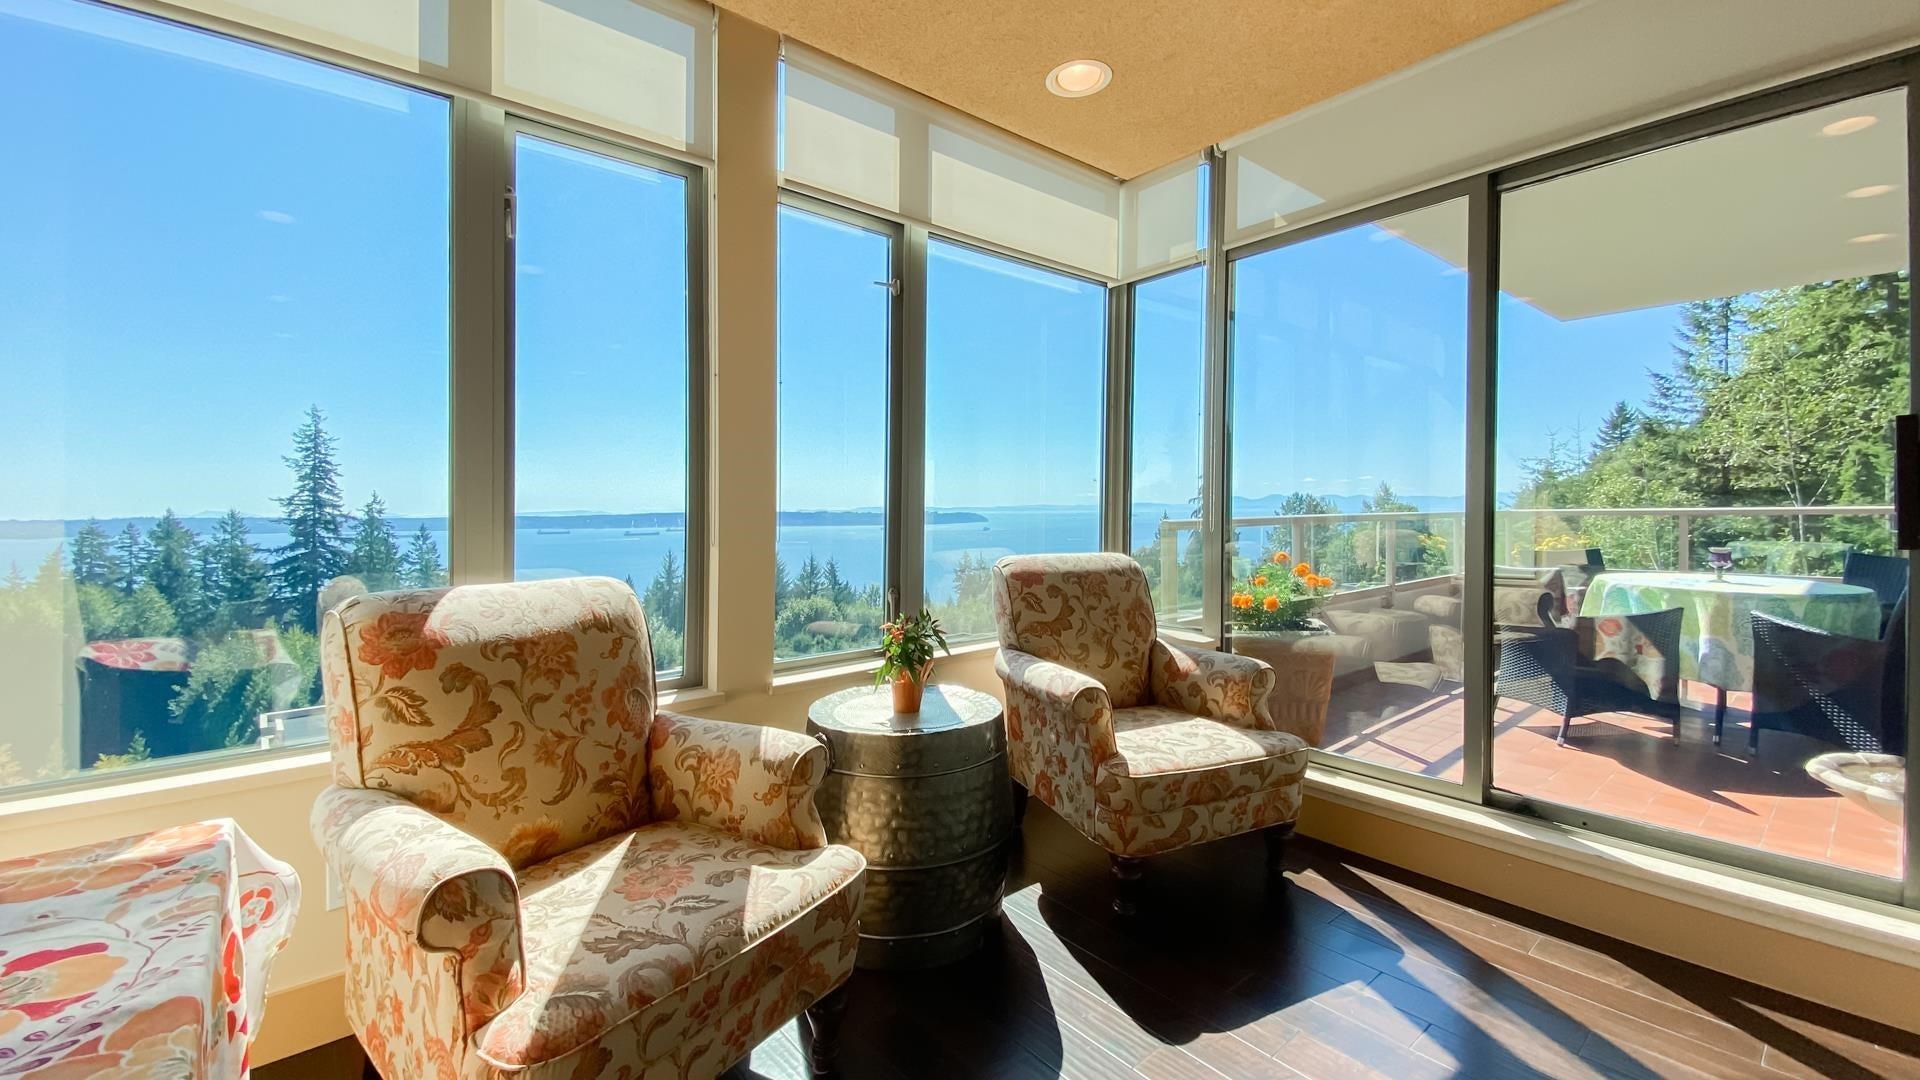 301 3131 DEER RIDGE DRIVE - Deer Ridge WV Apartment/Condo for sale, 2 Bedrooms (R2615692) - #3